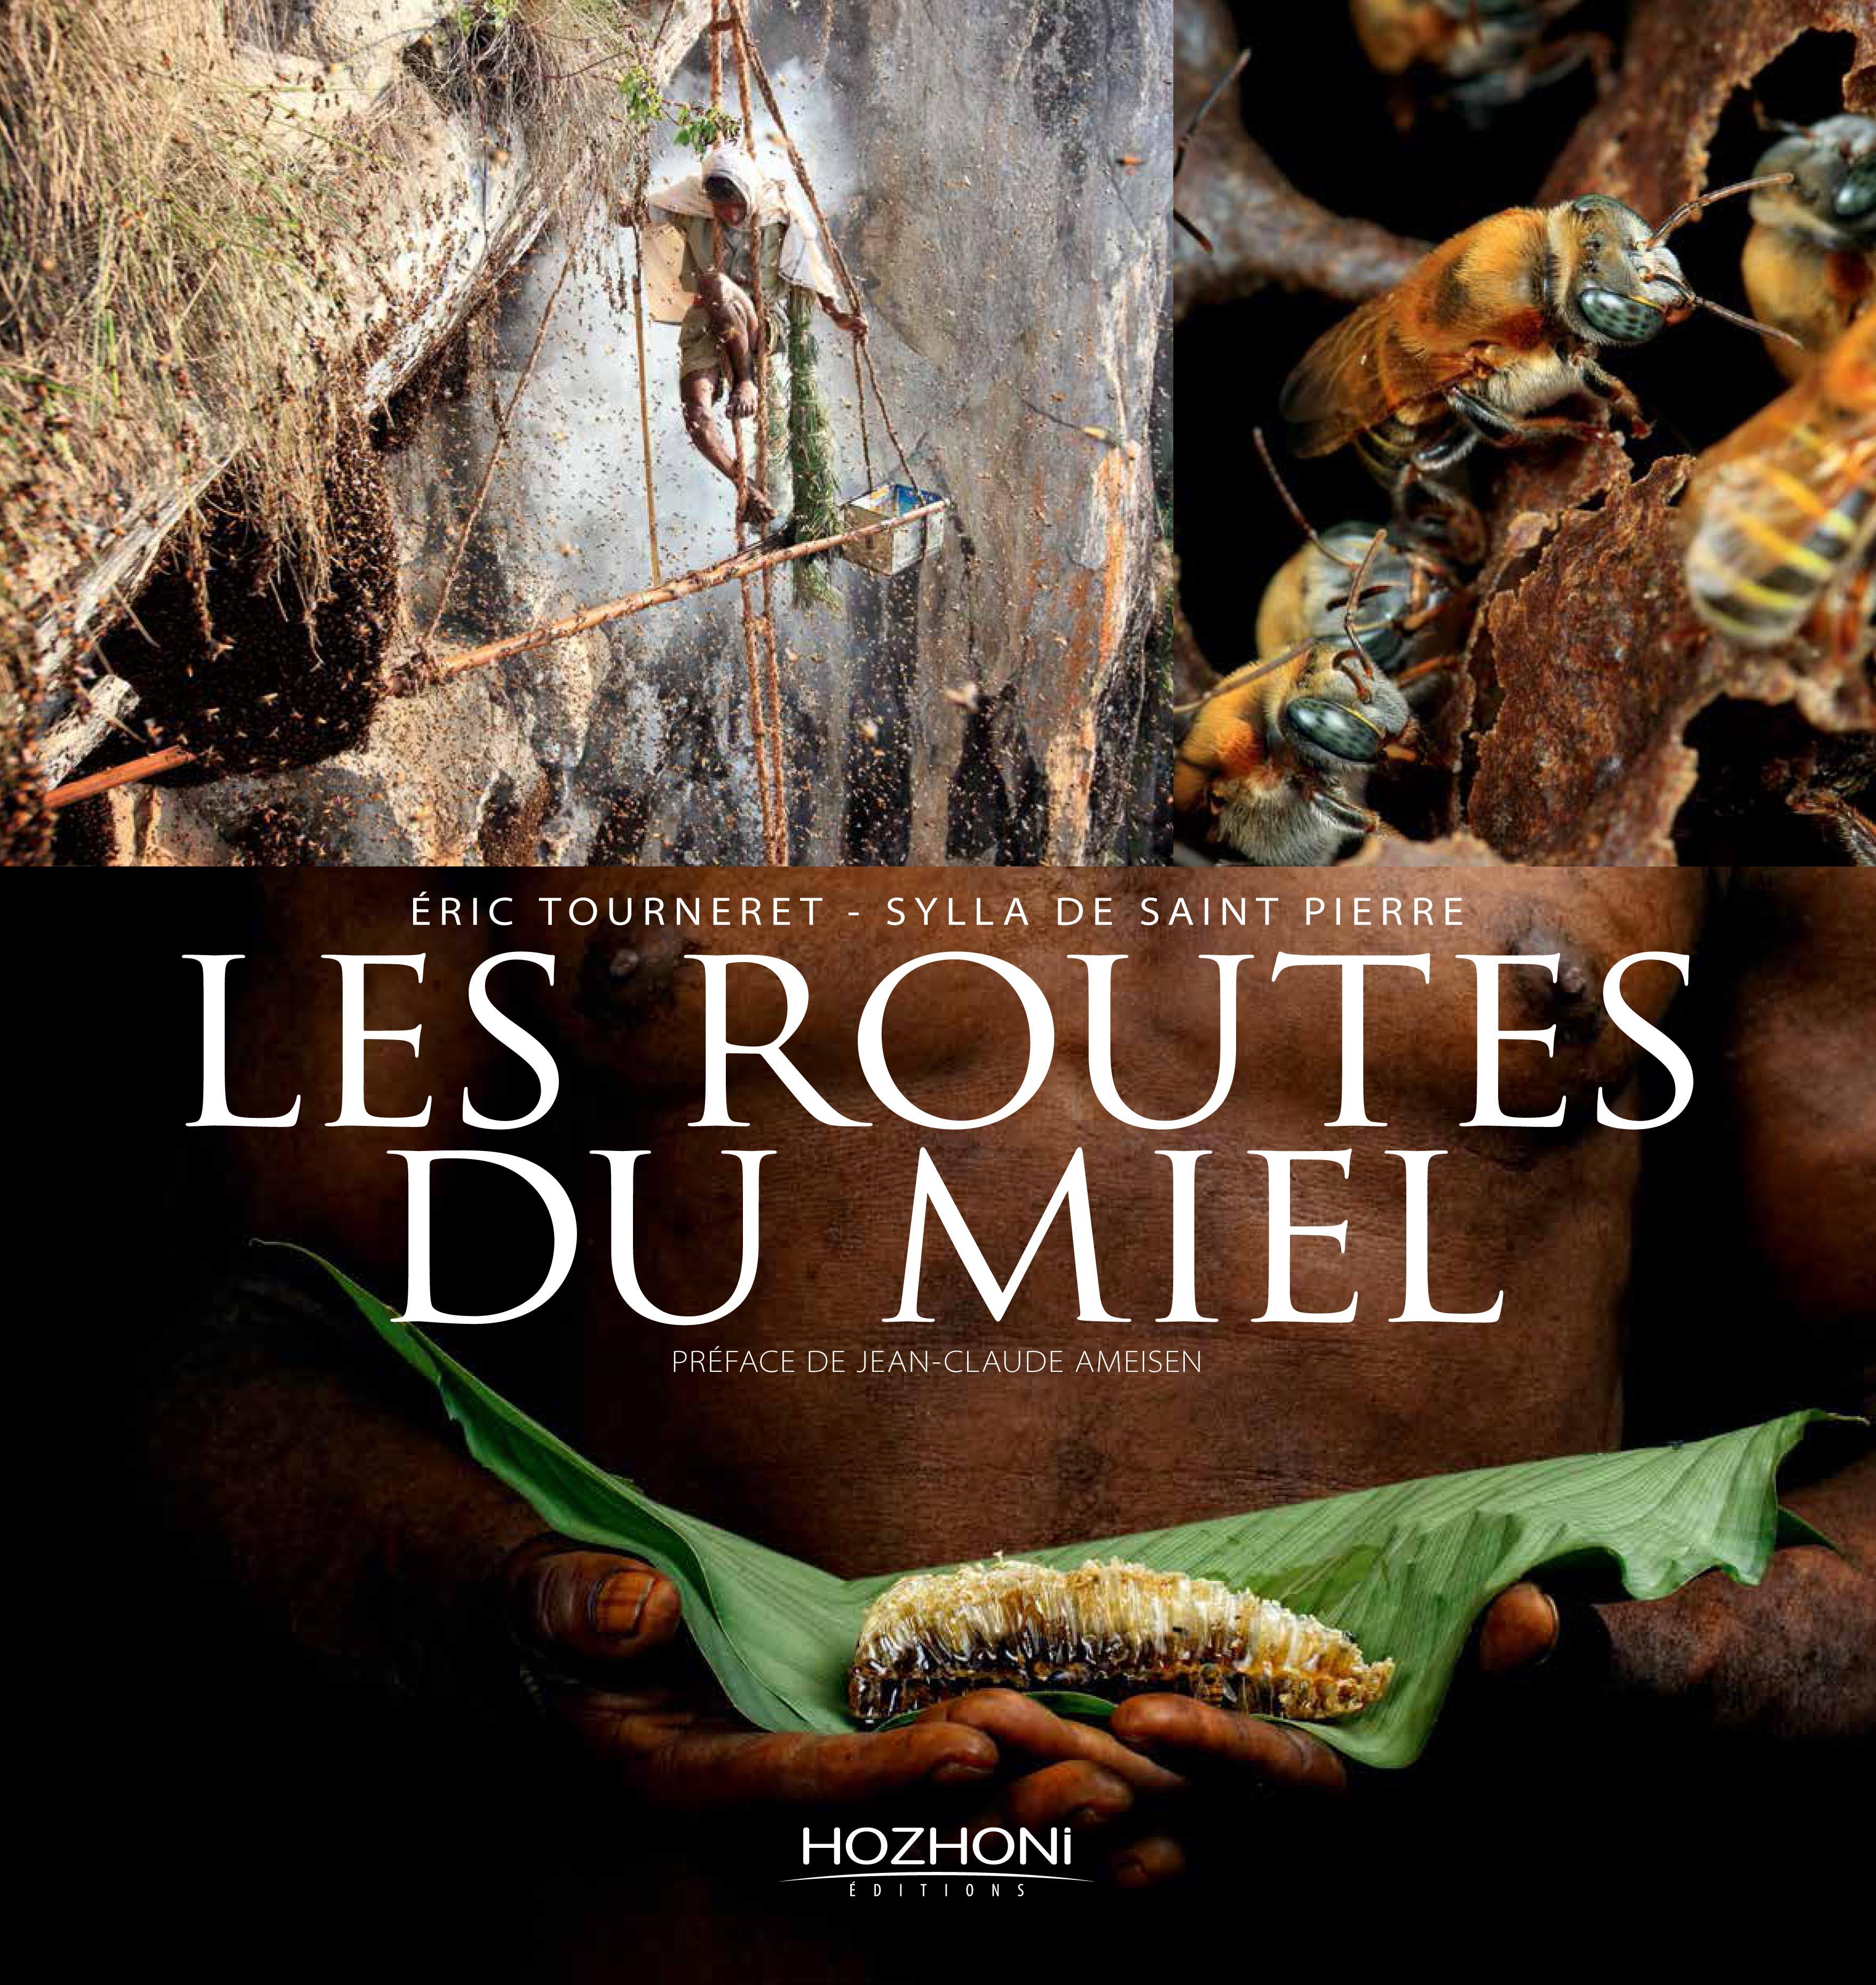 LES_ROUTES_MIEL-MAKET_COUVERTURE-3-1428581470.jpg